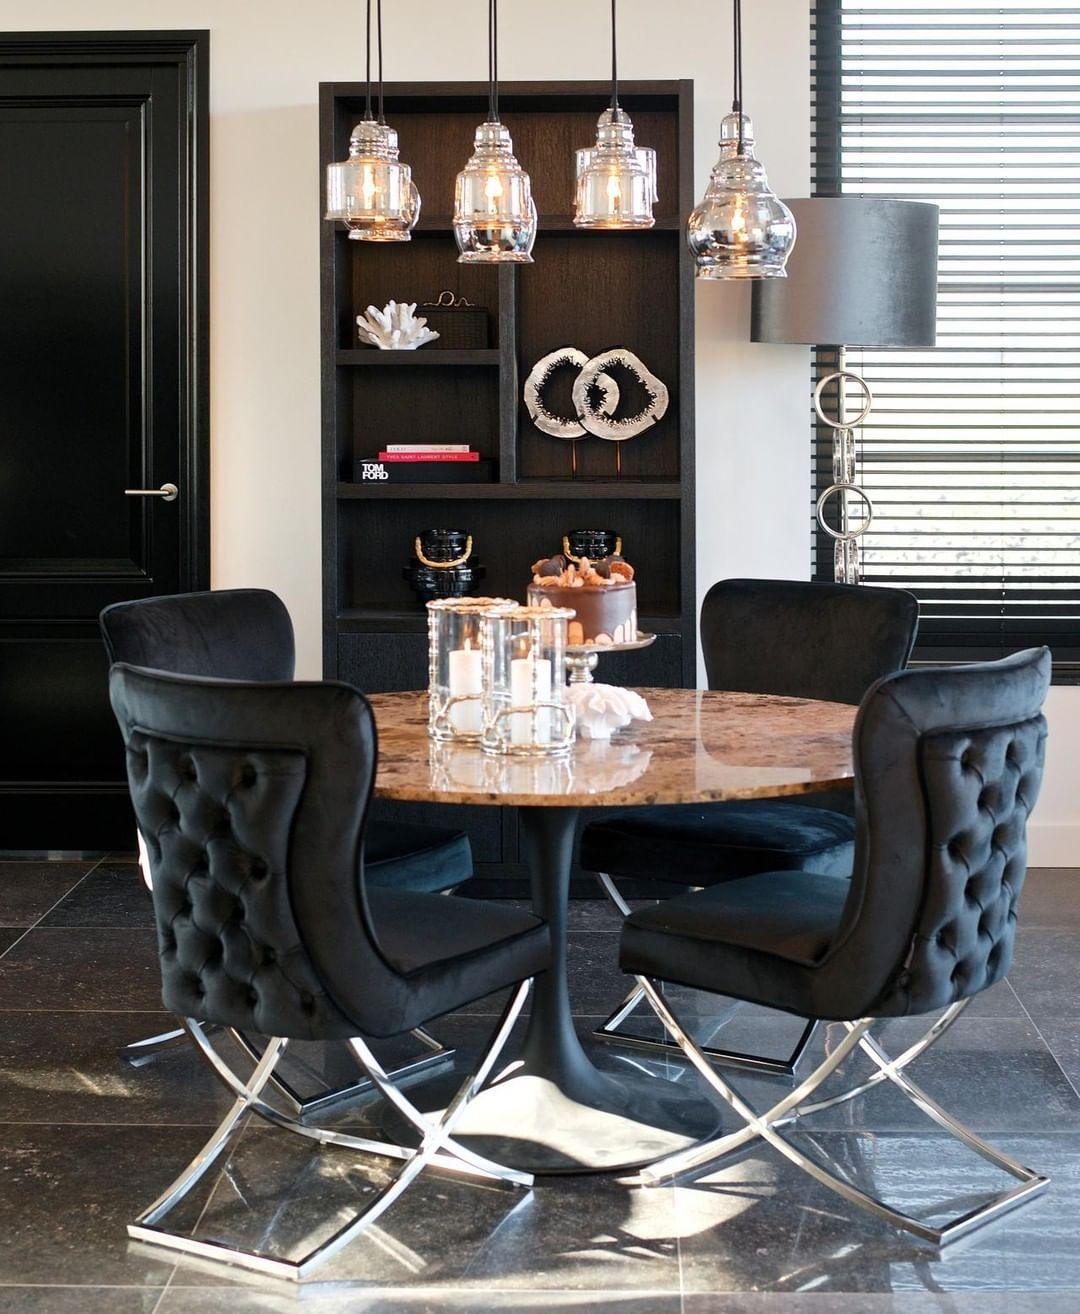 Idee Meuble Et Decoration D Interieur En 2020 Salle A Manger Design Decoration Interieure Maison